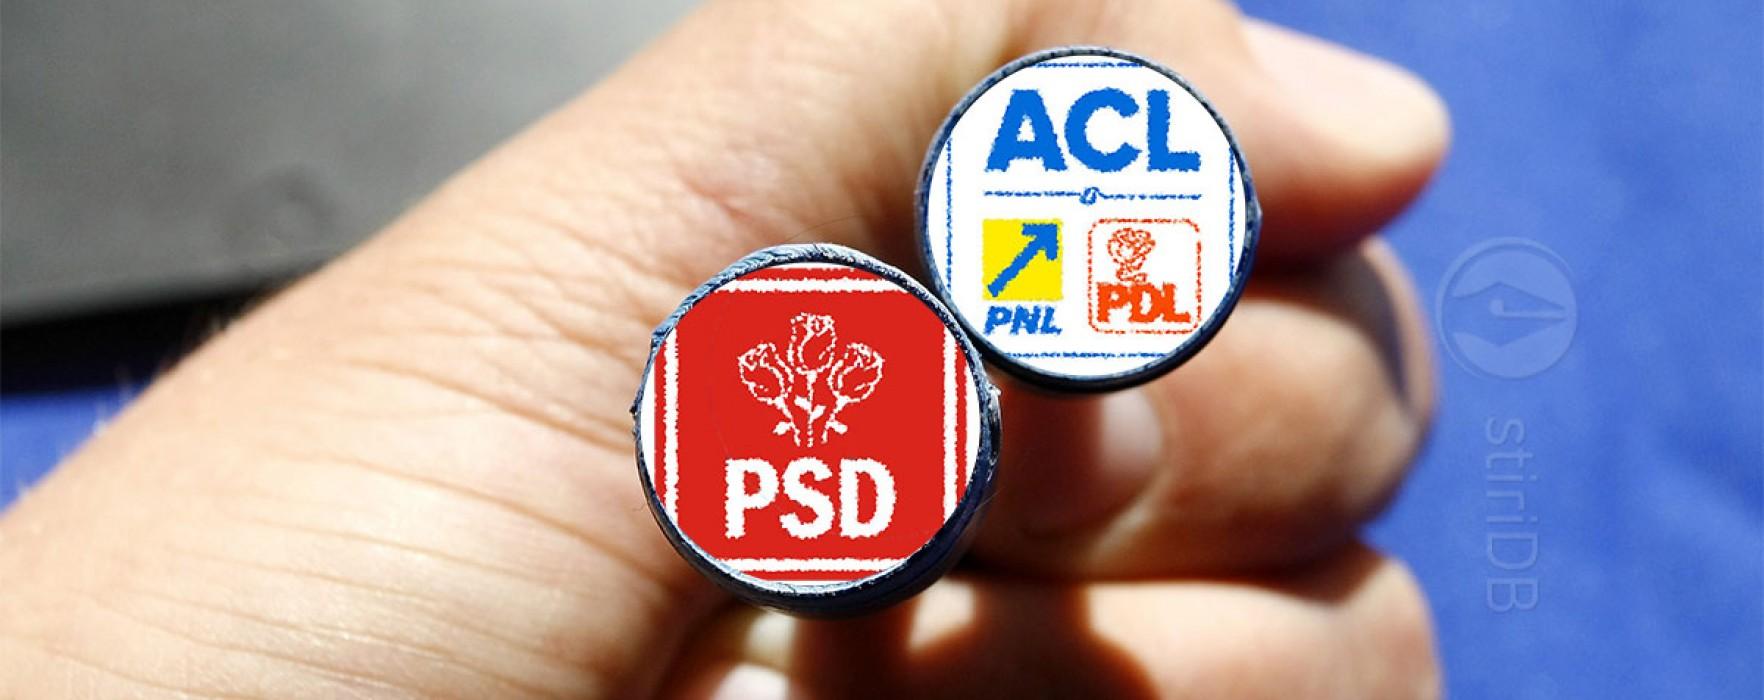 Dâmboviţa: Războiul comunicatelor PSD- ACL